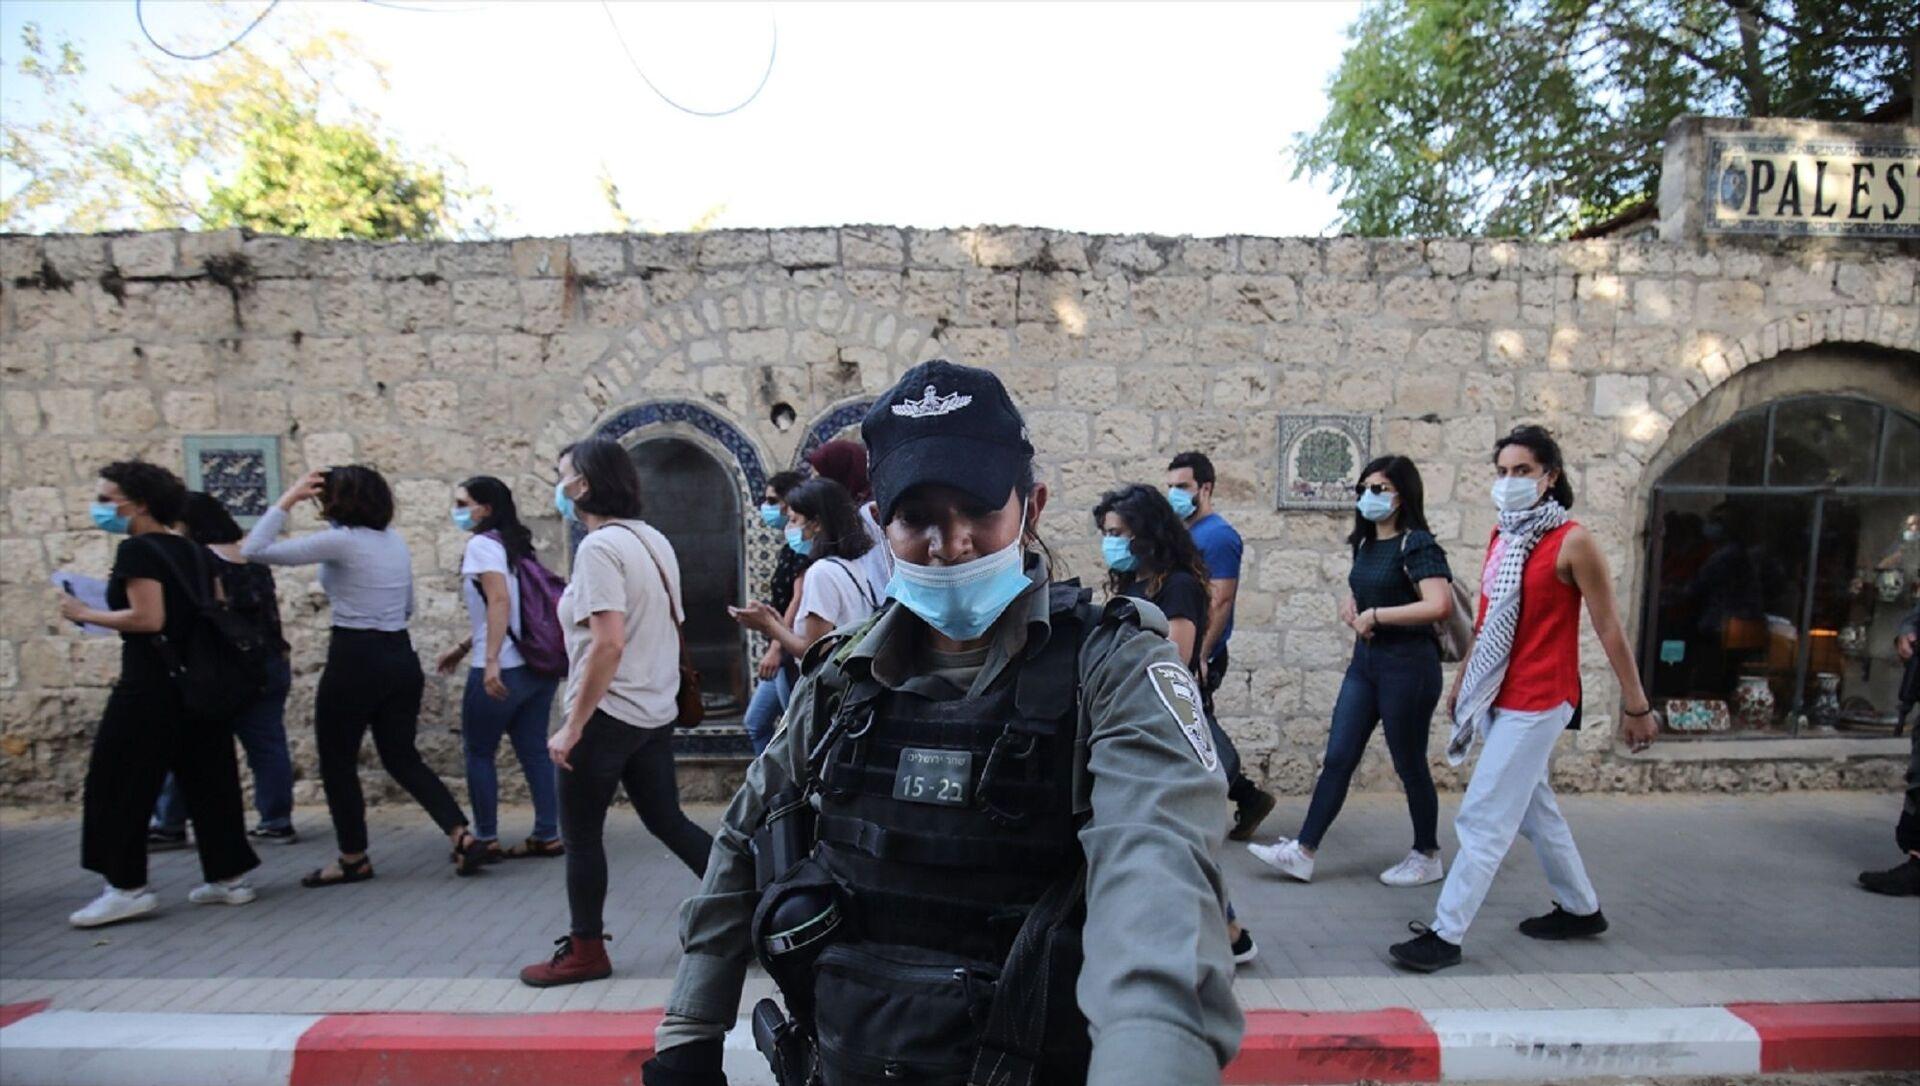 İsrail polisi, Doğu Kudüs'te otizmli İyad Hallak'ın öldürülmesine tepki amacıyla düzenlenen gösteriye müdahale ederek 3 Filistinli kadını gözaltına aldı. - Sputnik Türkiye, 1920, 17.04.2021